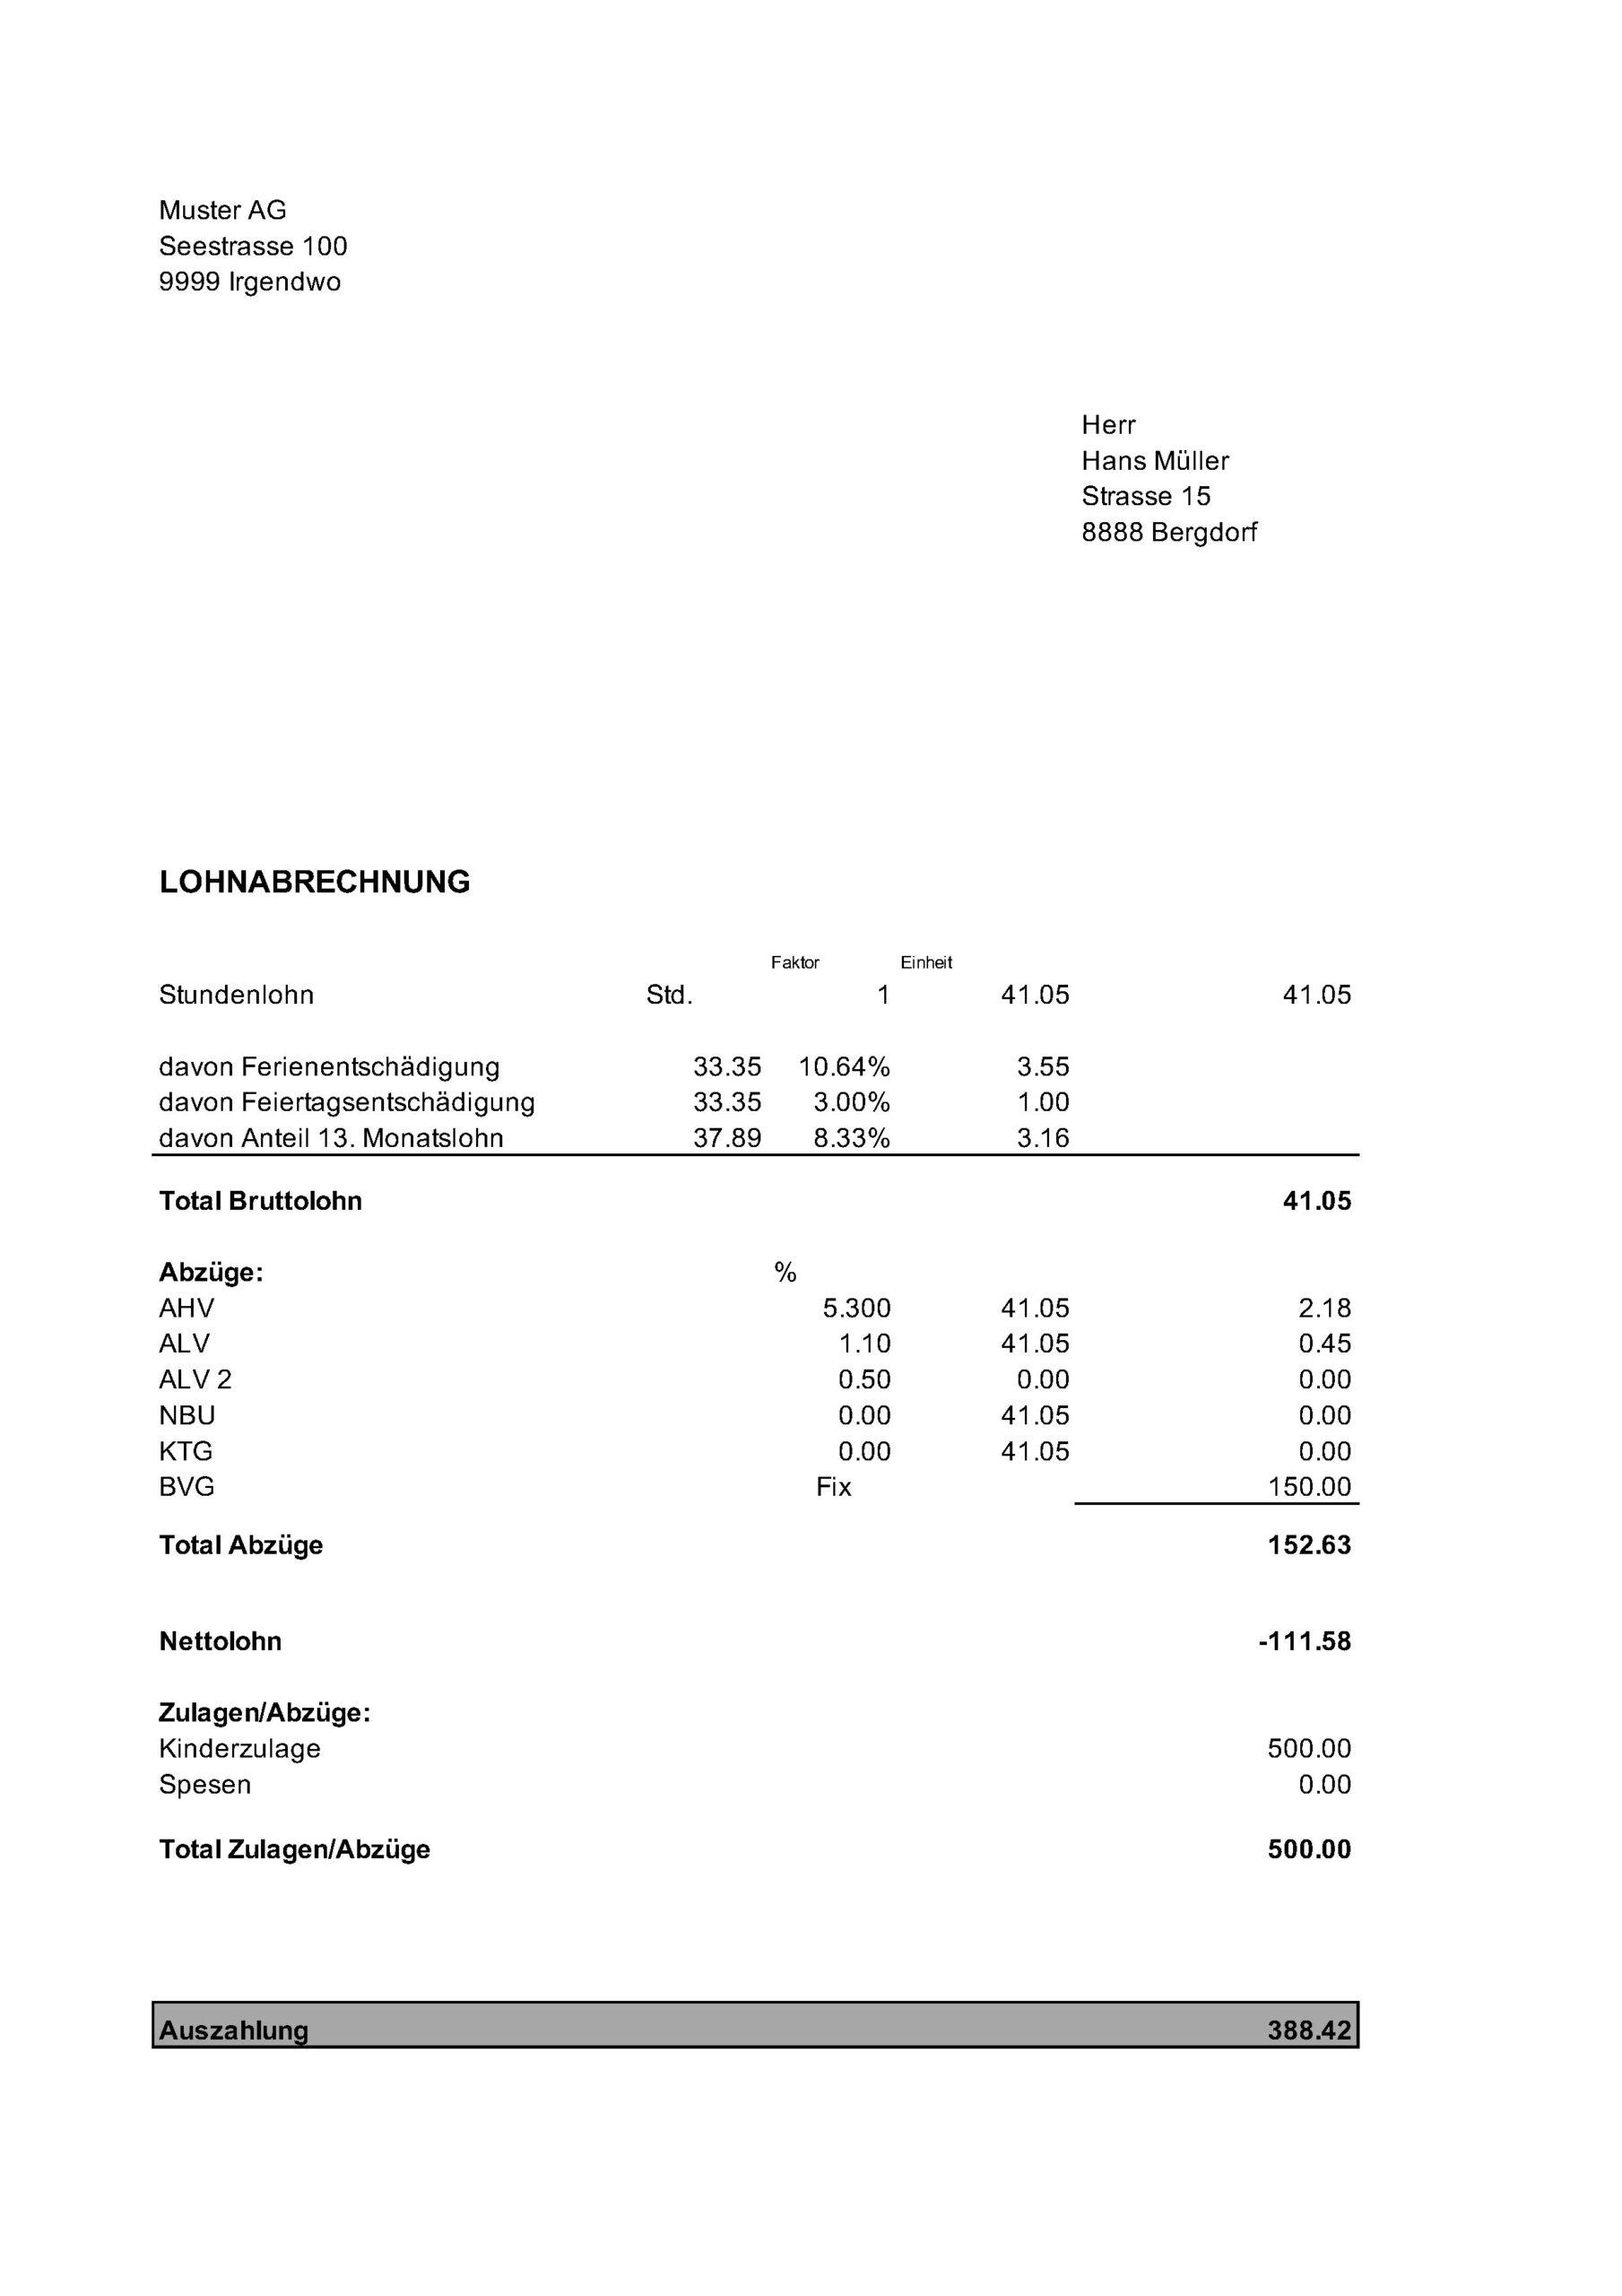 Vorlage Lohnabrechnung Stundenlohn - XLS